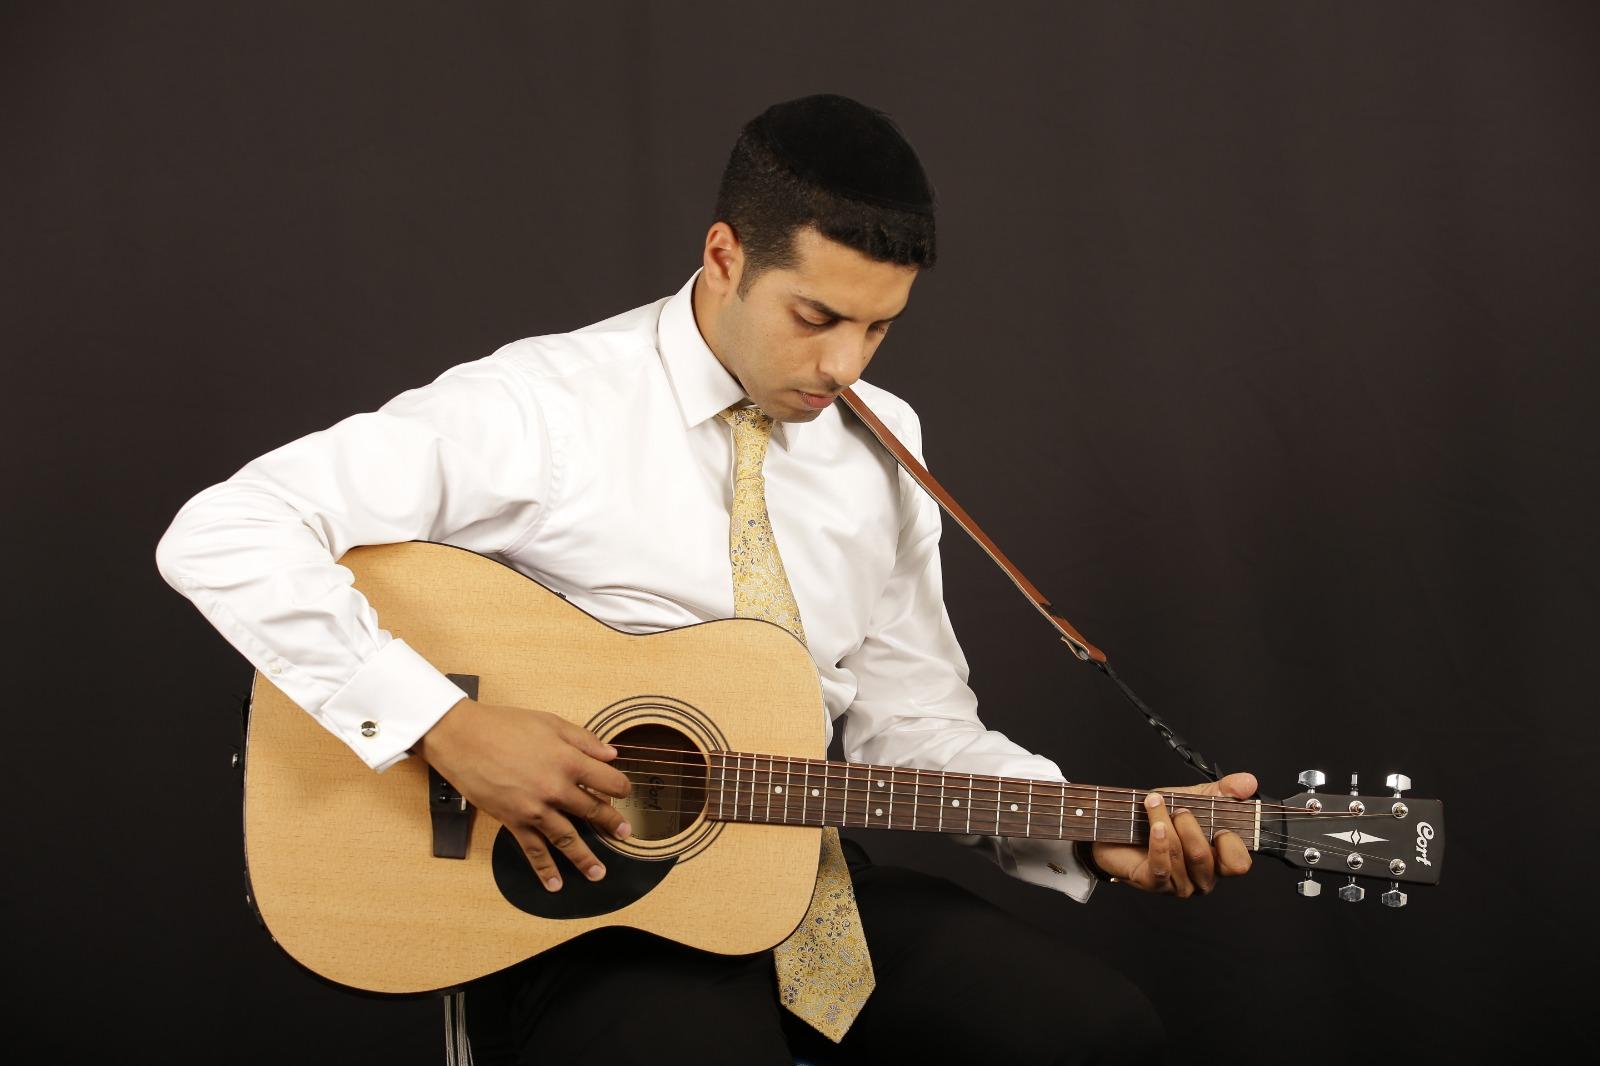 מאיר מסוארי - תמונת יח''צ